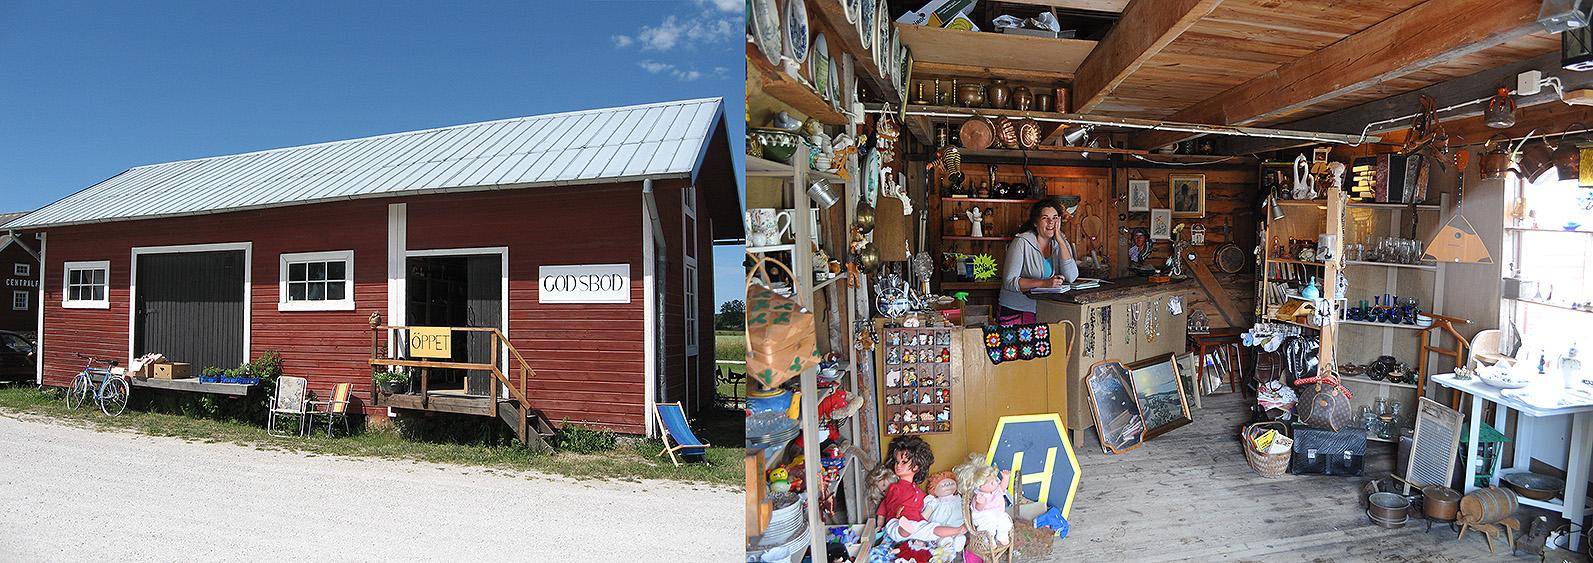 Vårt Godsmagasins östra del är sommartid uthyrd till Familjen Jannehag från Dalhem. Till vänster foto: 2 juli 2008. Till höger Där har de en prylbod som främst är öppen under trafikdagarna. Foto 26 aug. 2012